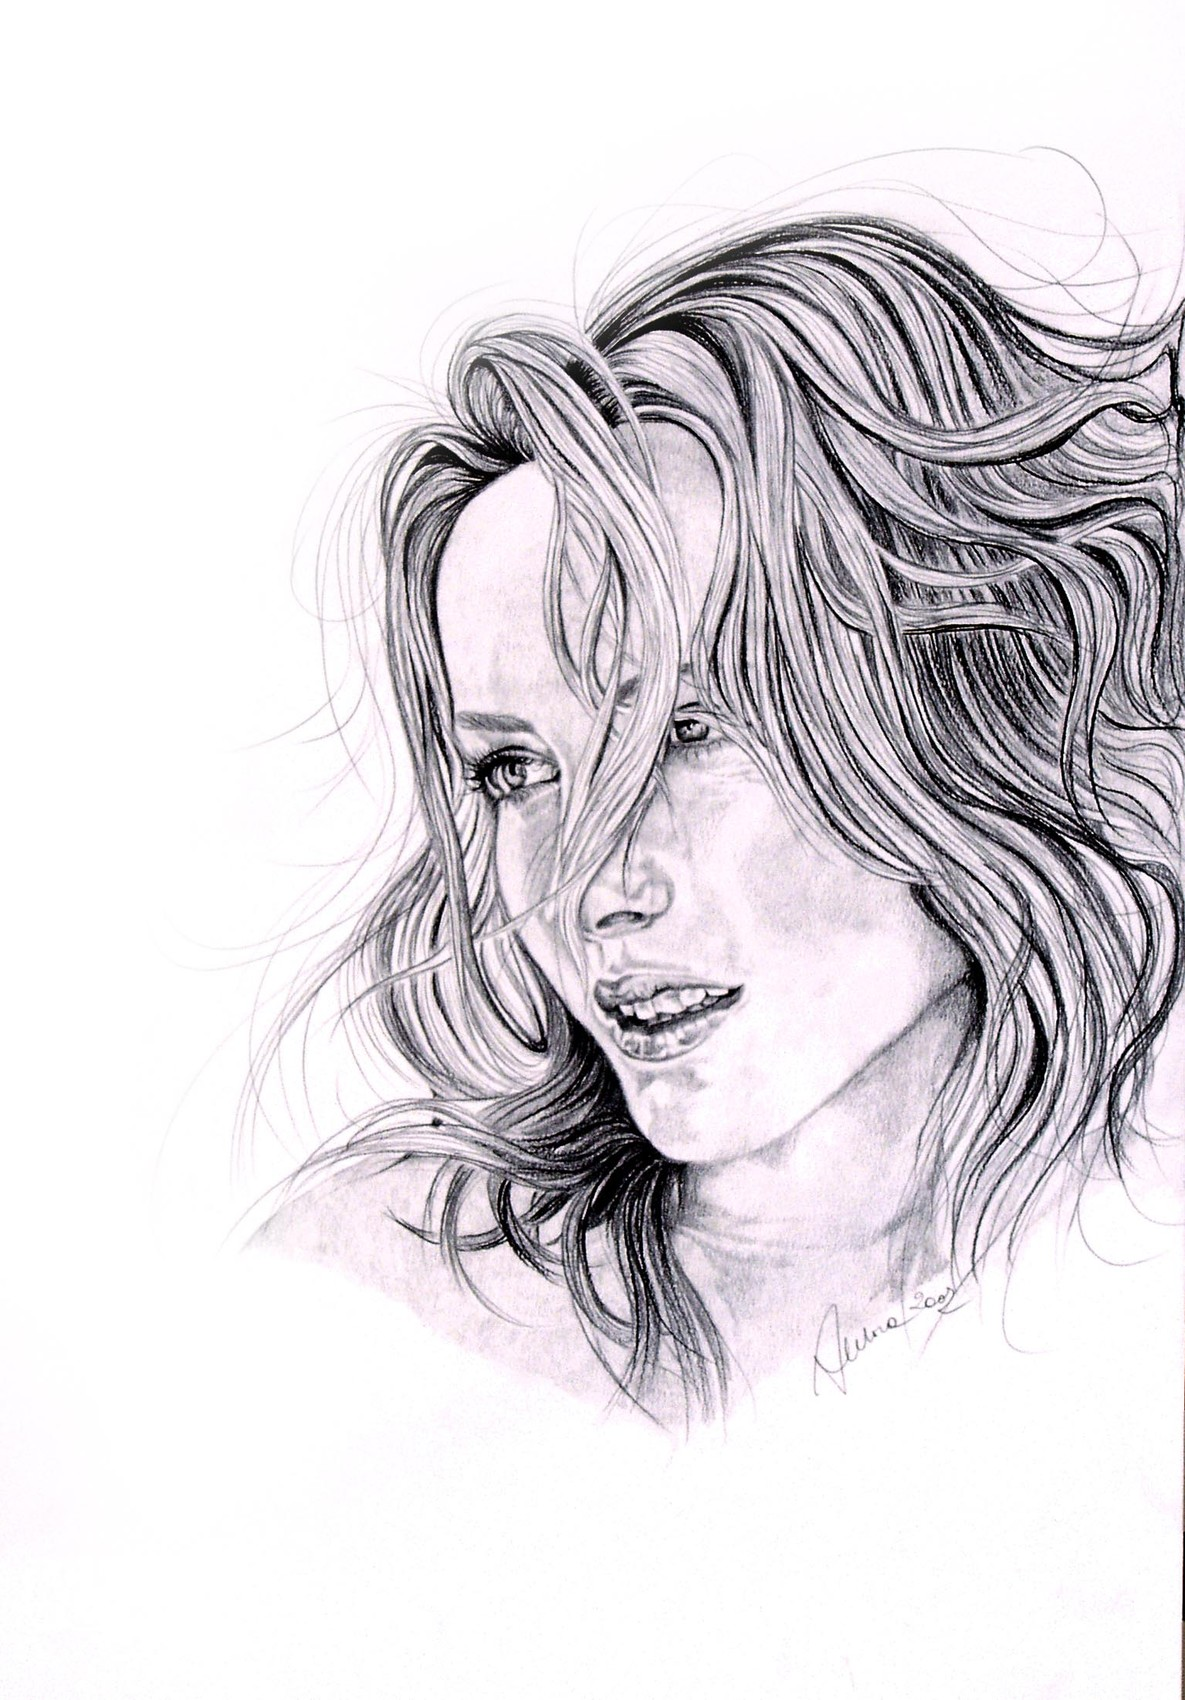 Peinture portrait d'une fille